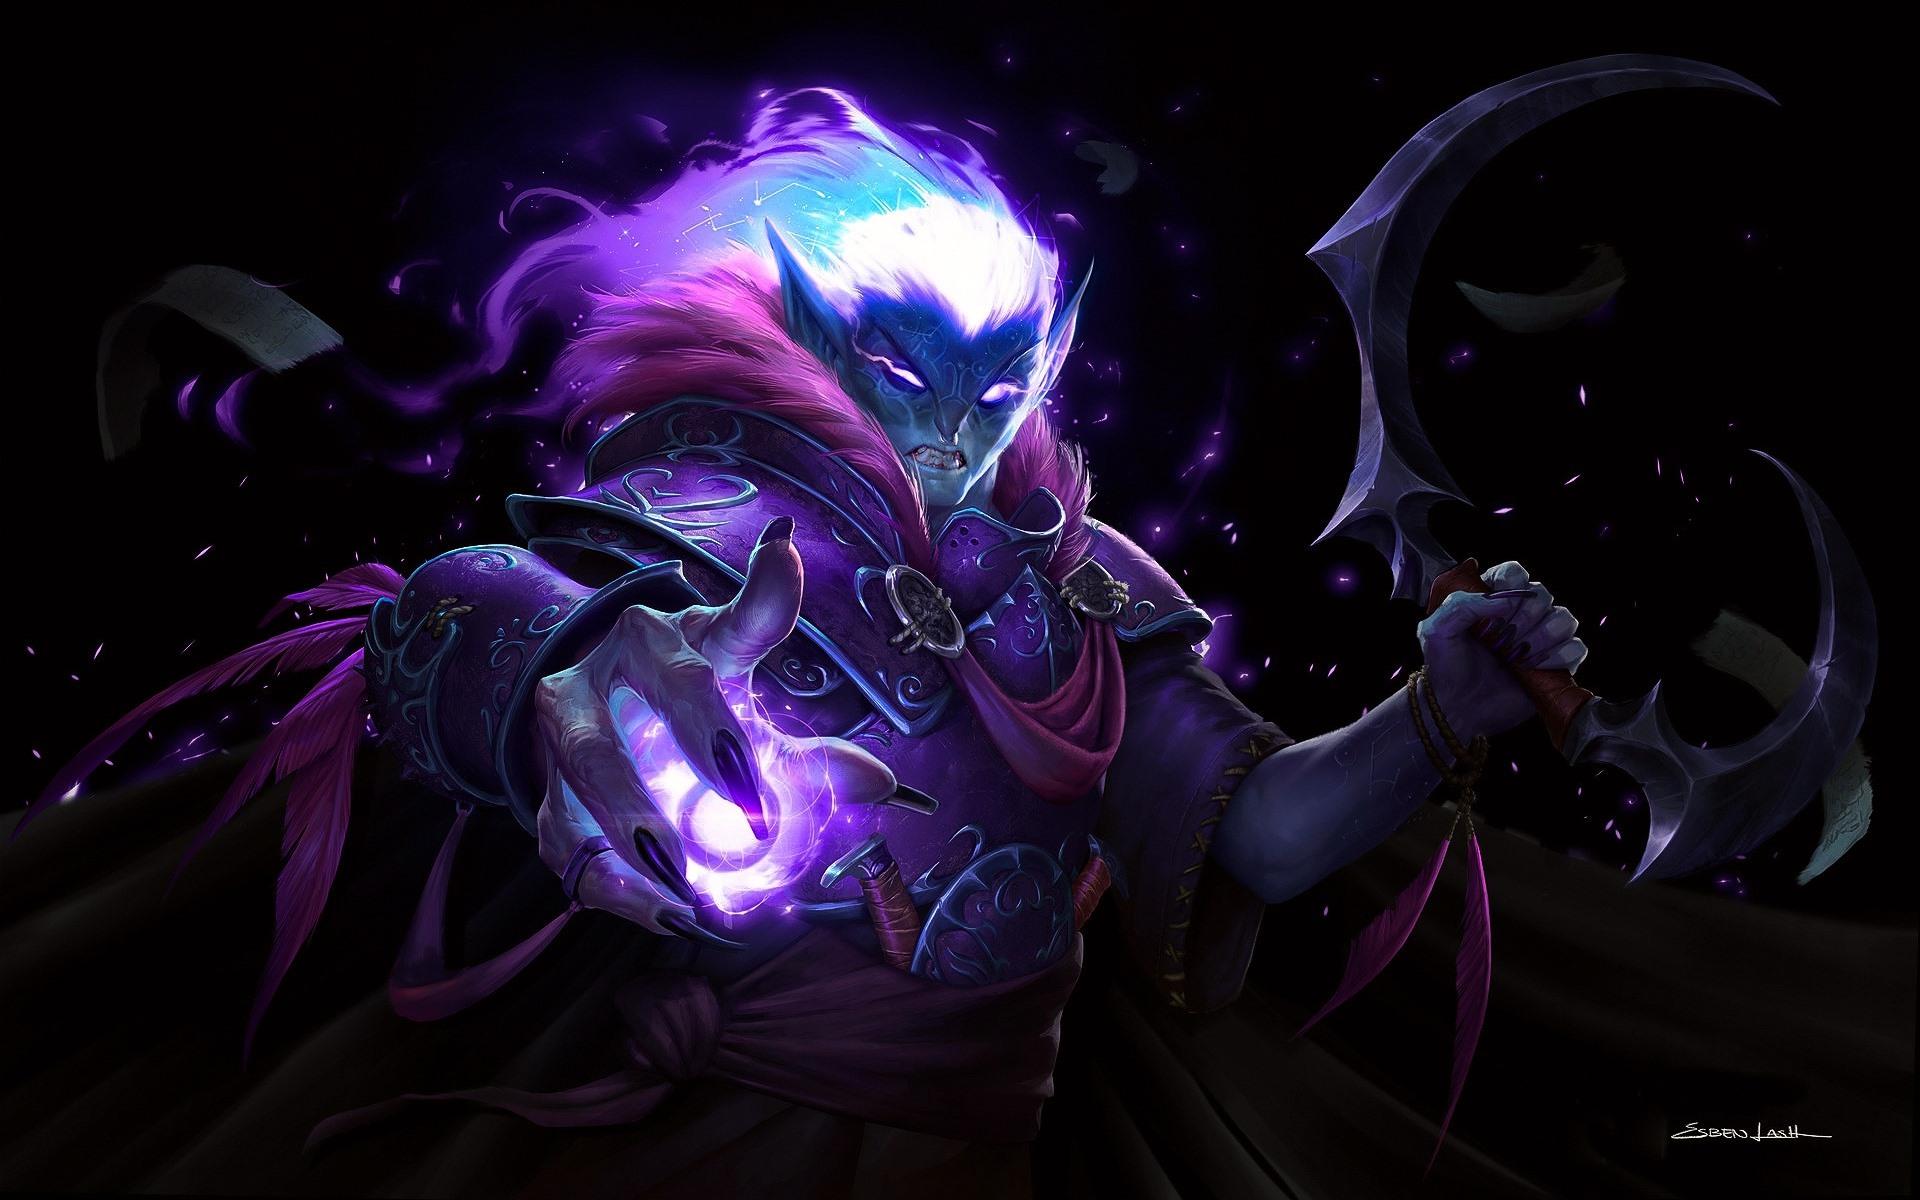 Wallpaper Dark Elf World Of Warcraft Wow Art Picture 1920x1200